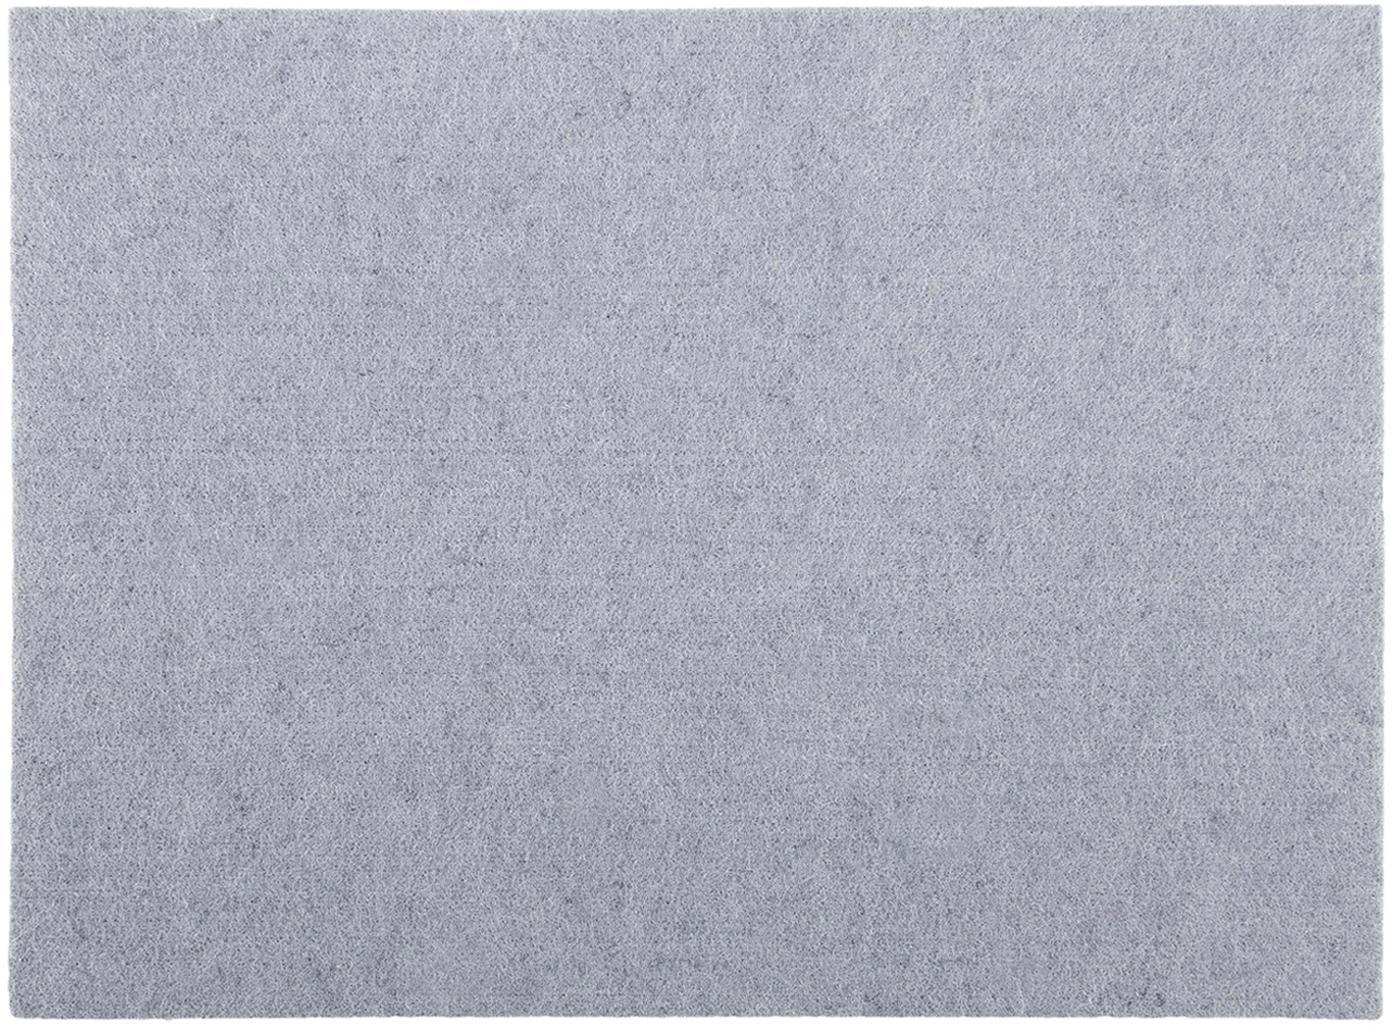 Tovaglietta americana in feltro Felto 2 pz, Feltro (poliestere), Grigio, Larg. 33 x Lung. 45 cm